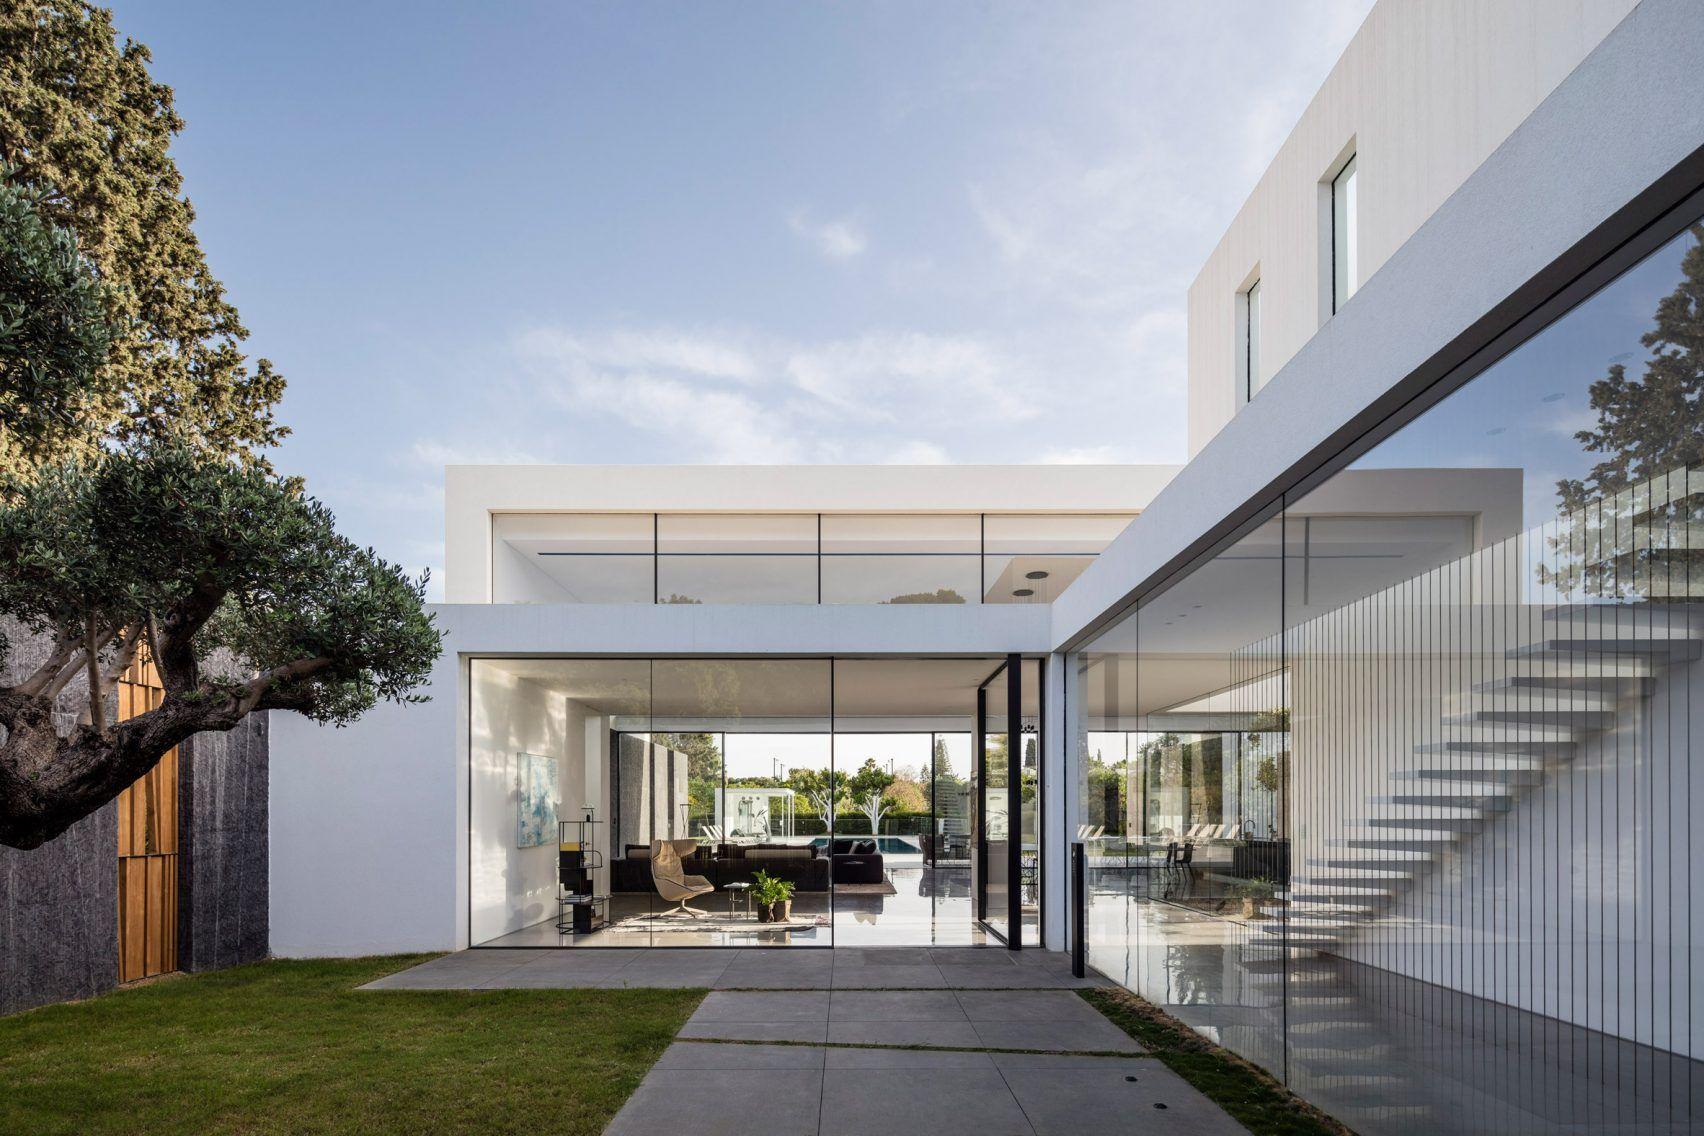 Walls Of Glass, Stone And Wood Line Courtyards At Pitsou Kedemu0027s House F ·  Home Design BlogsGlasierte WändeHaus InnenräumeSteinwandVorplätzeKleine ...